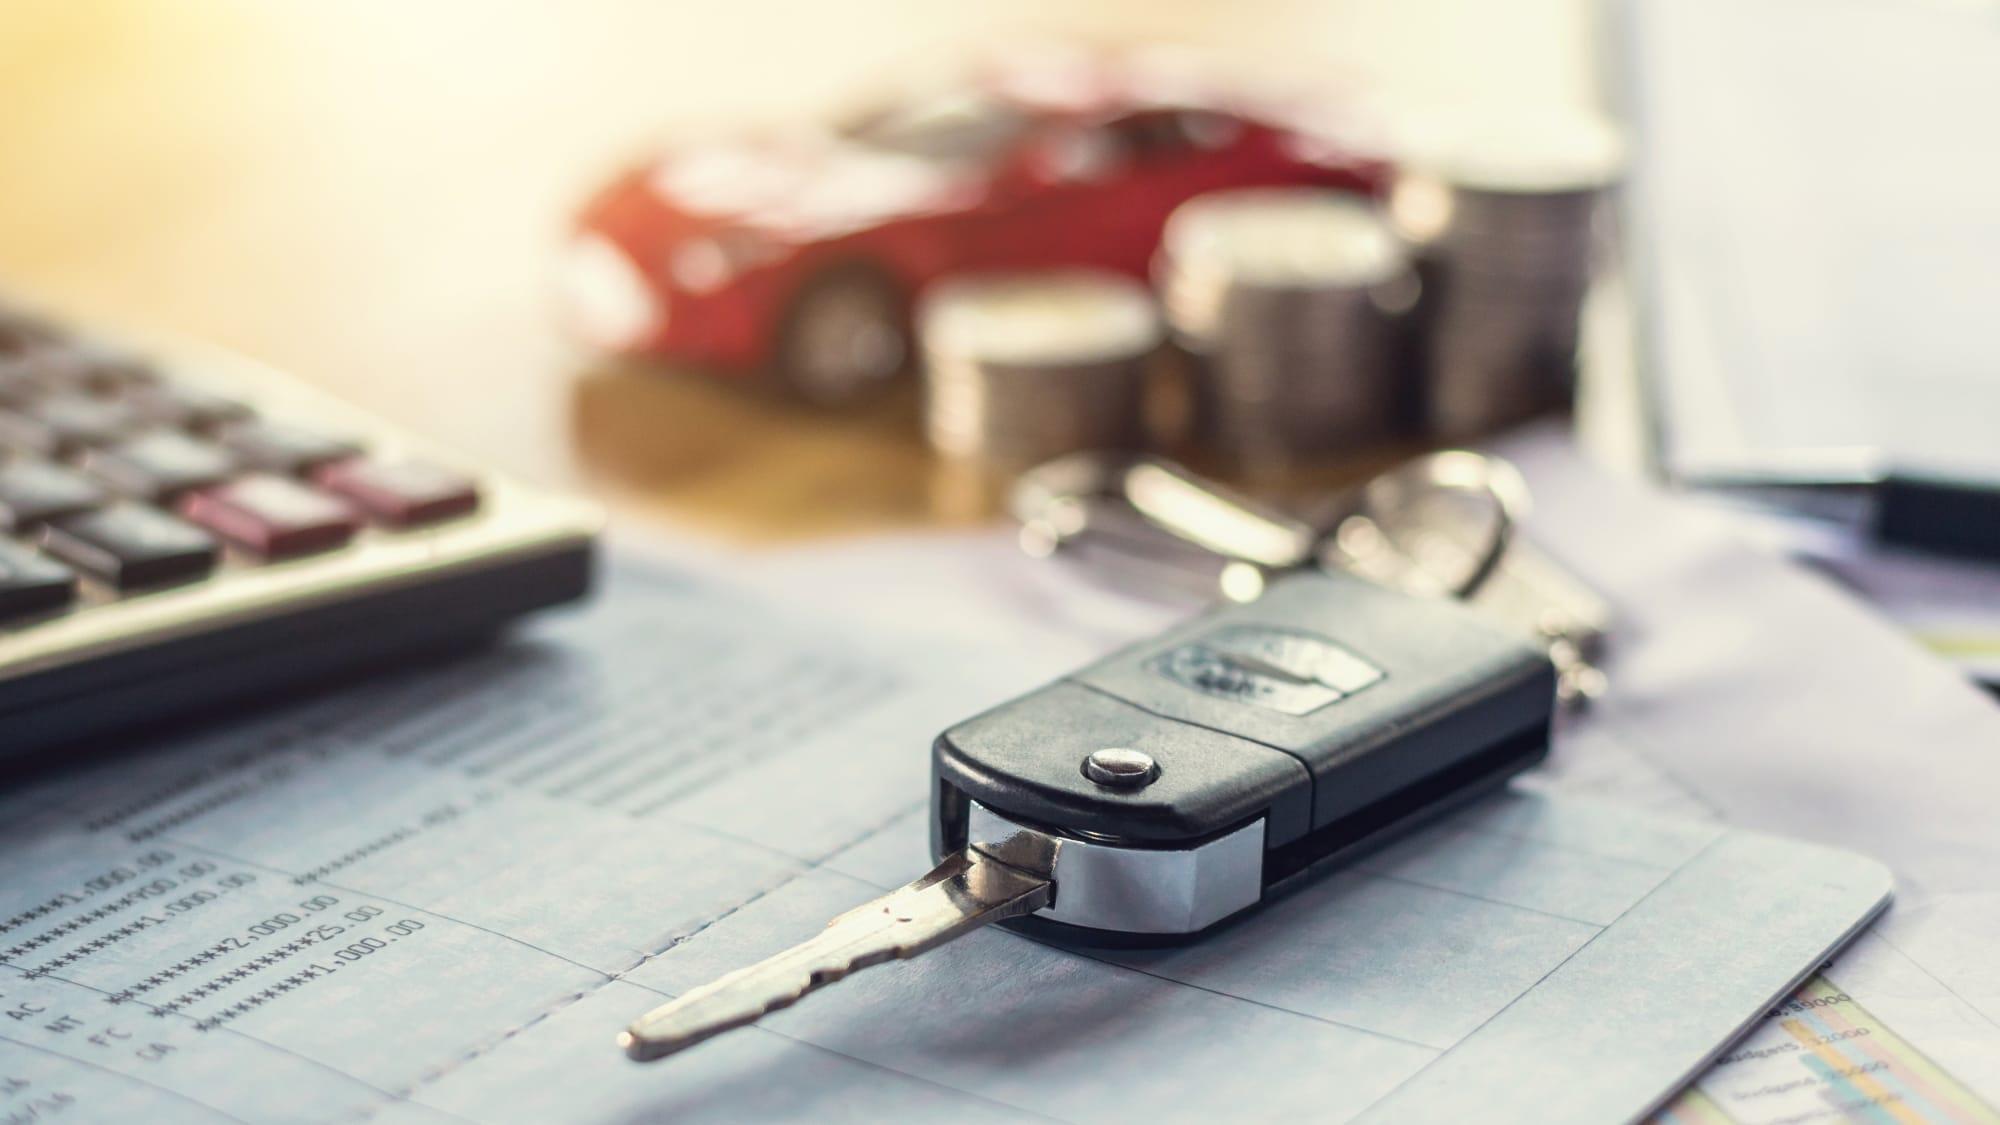 Autoschlüssel mit Geld und Taschenrechner auf dem Tisch